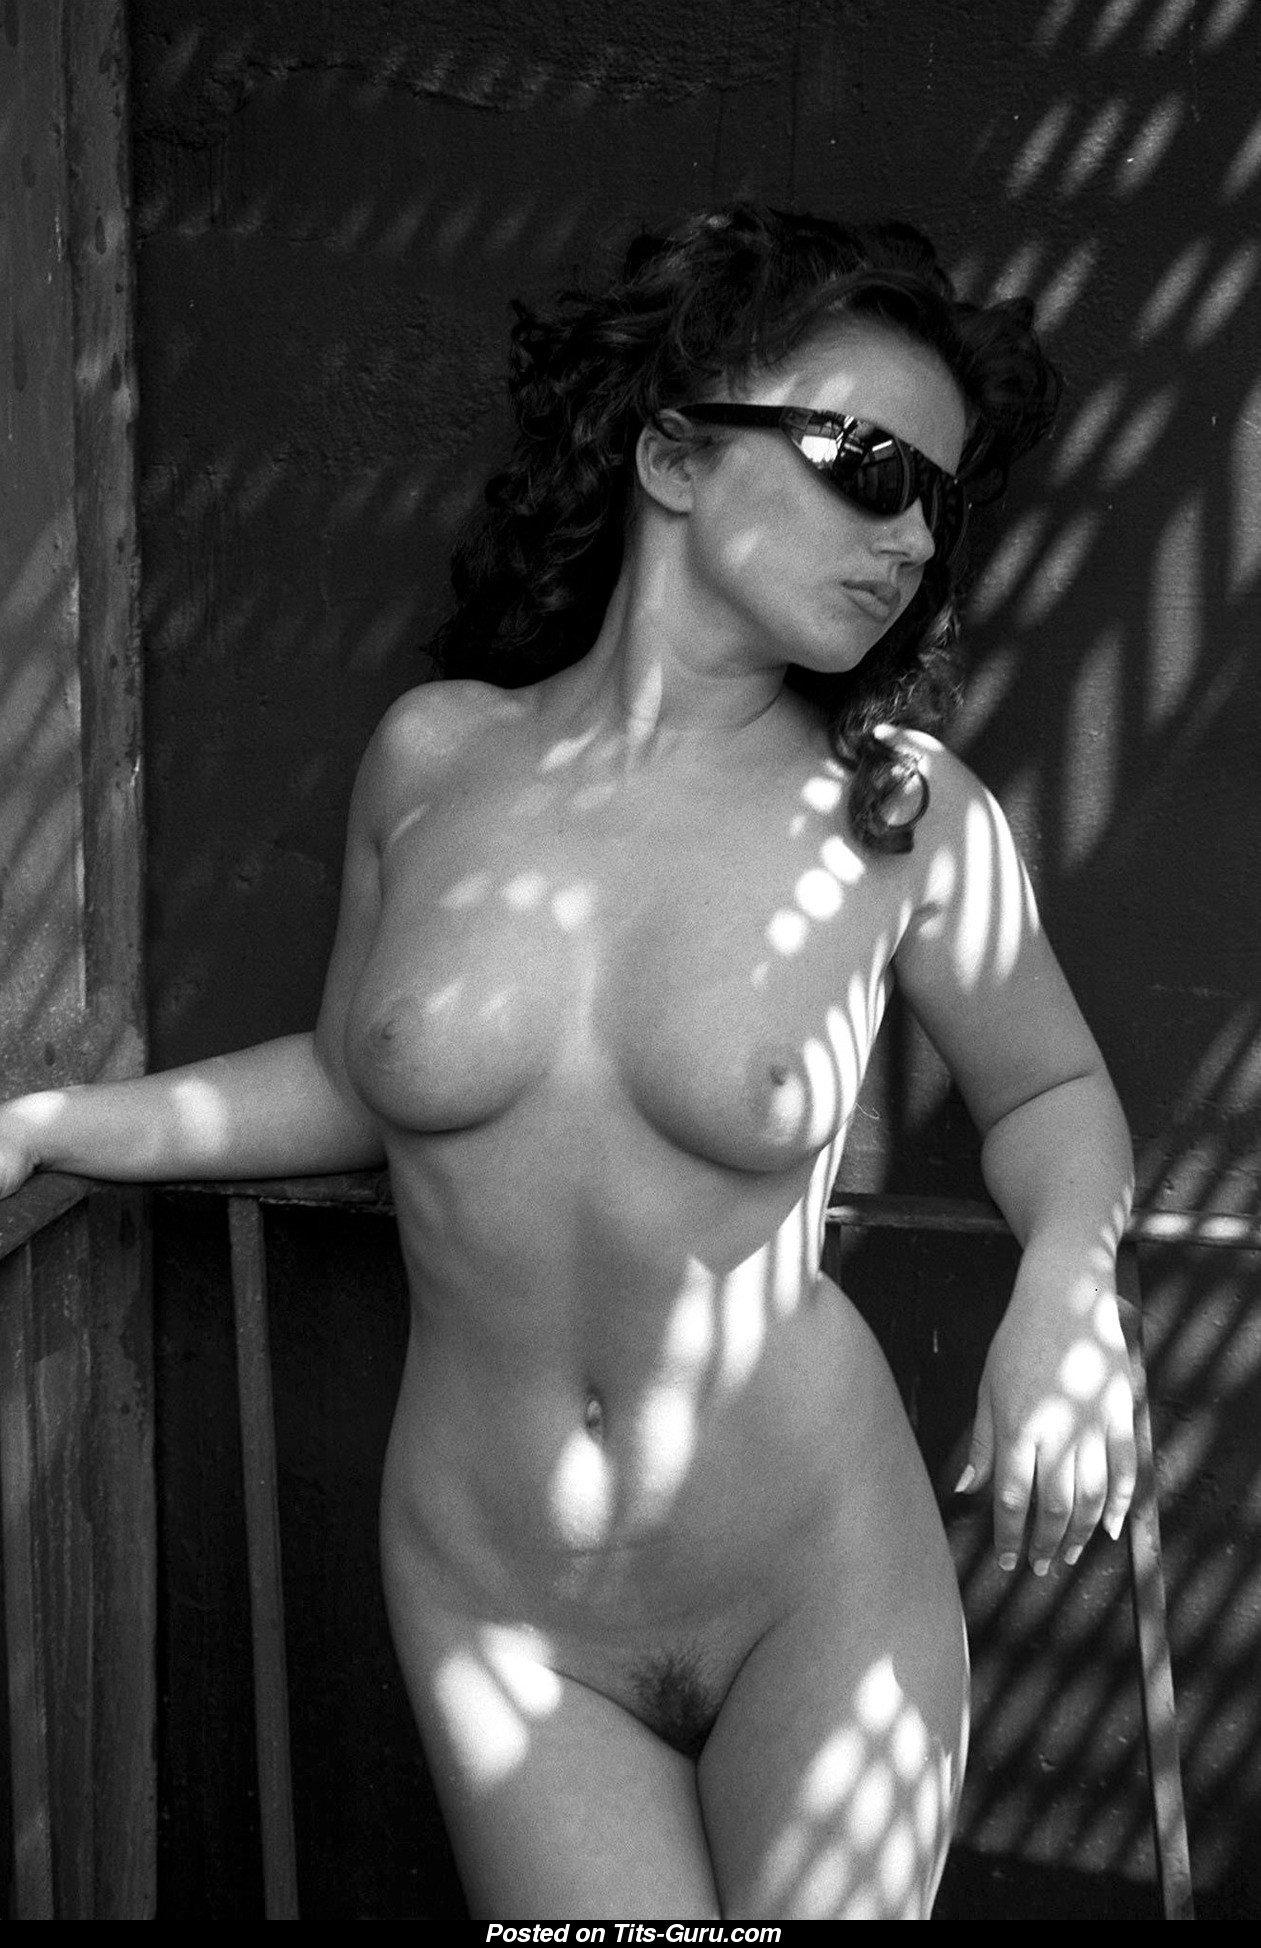 Geri Halliwell - Azijska igralka z rdečimi lasmi z golo resnično puloverje xxx Image 08072018 212004-7605